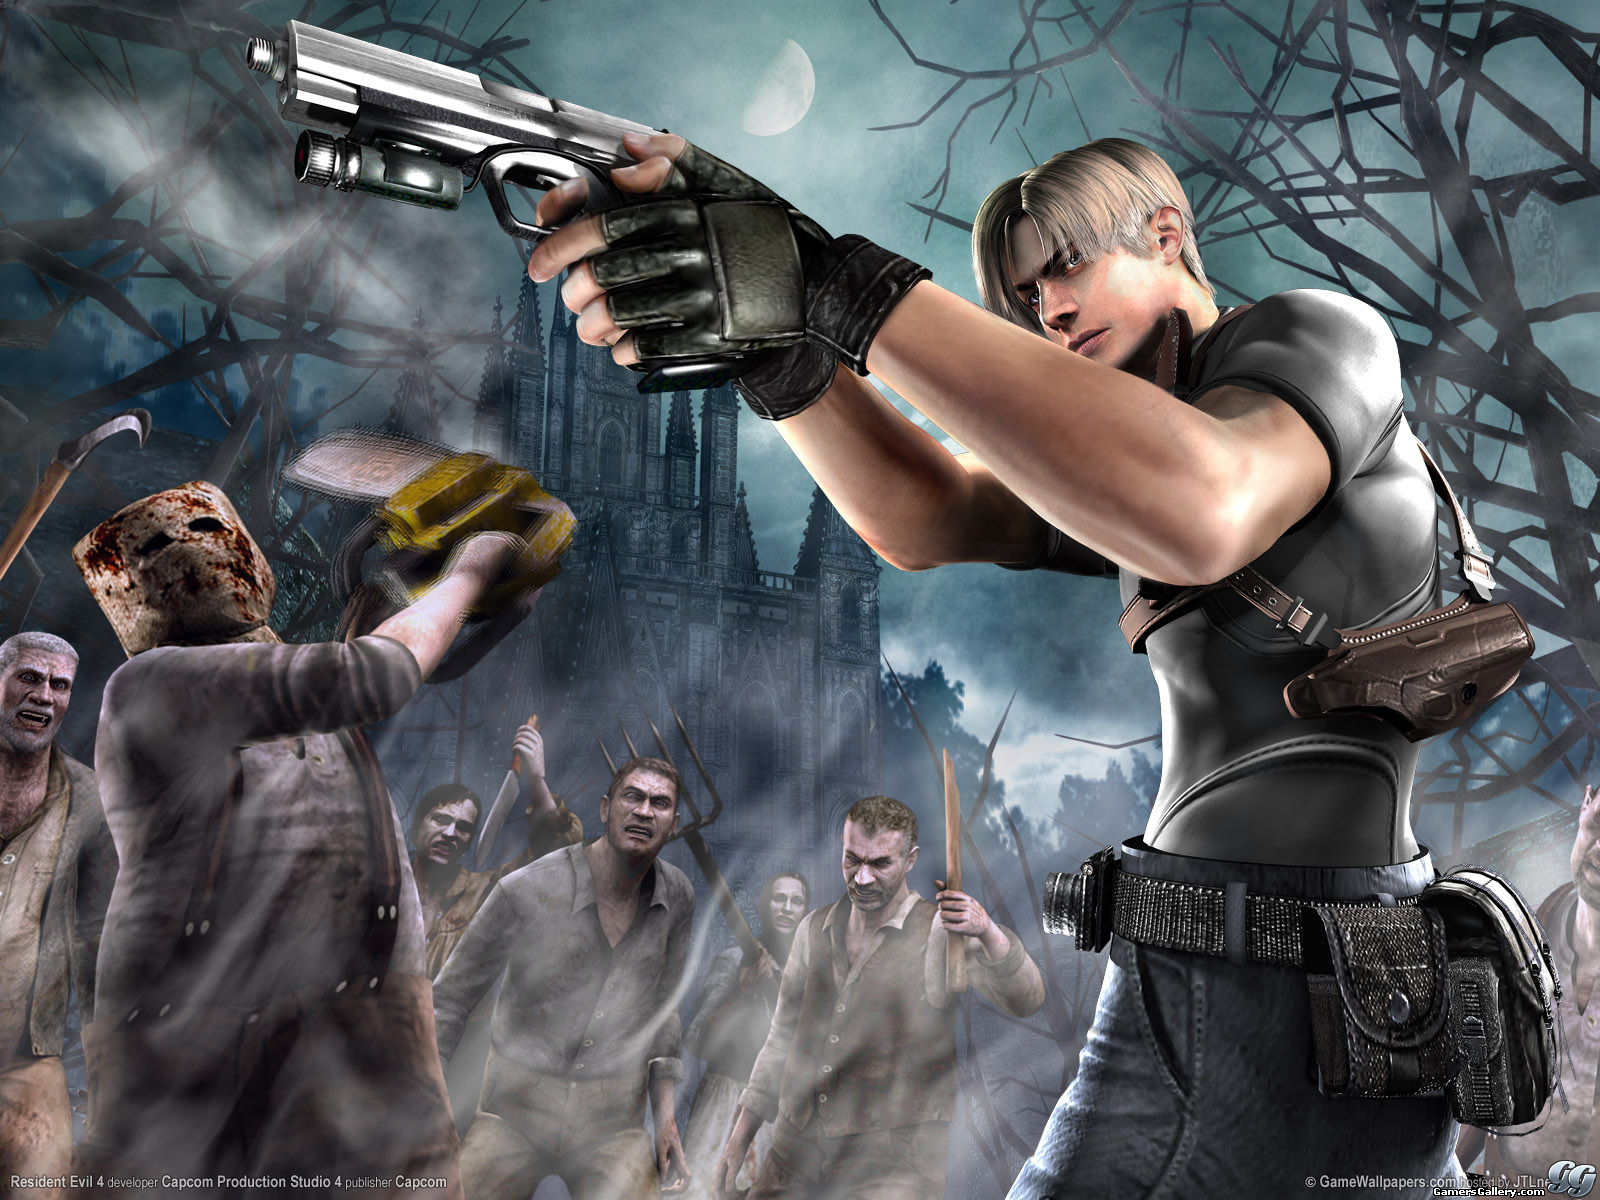 http://3.bp.blogspot.com/-NYKTi7WhnR8/Tn4Jd50CEvI/AAAAAAAADfs/o7u25slq0fI/s1600/Resident_Evil_4_HD+%25281%2529.jpg